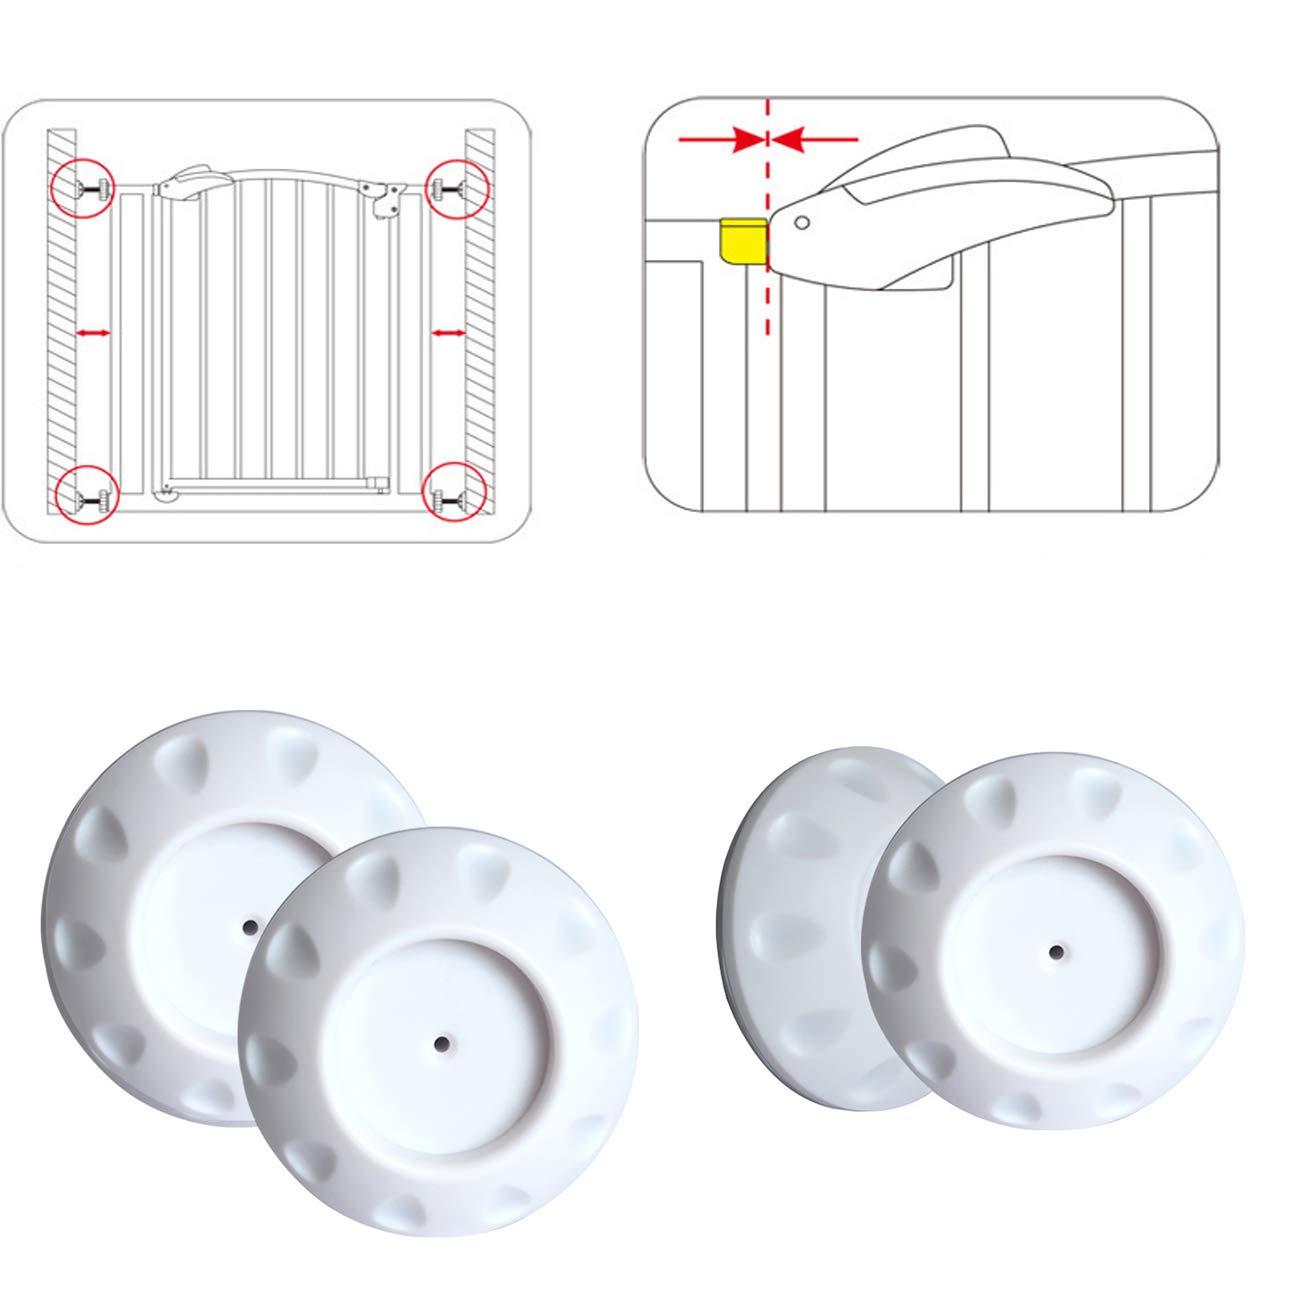 Baby Kinder Sicherheits Wandschutz Pads für Treppenschutzgitter, Türschutzgitter 4pcs/Set (schwarz) Conemi